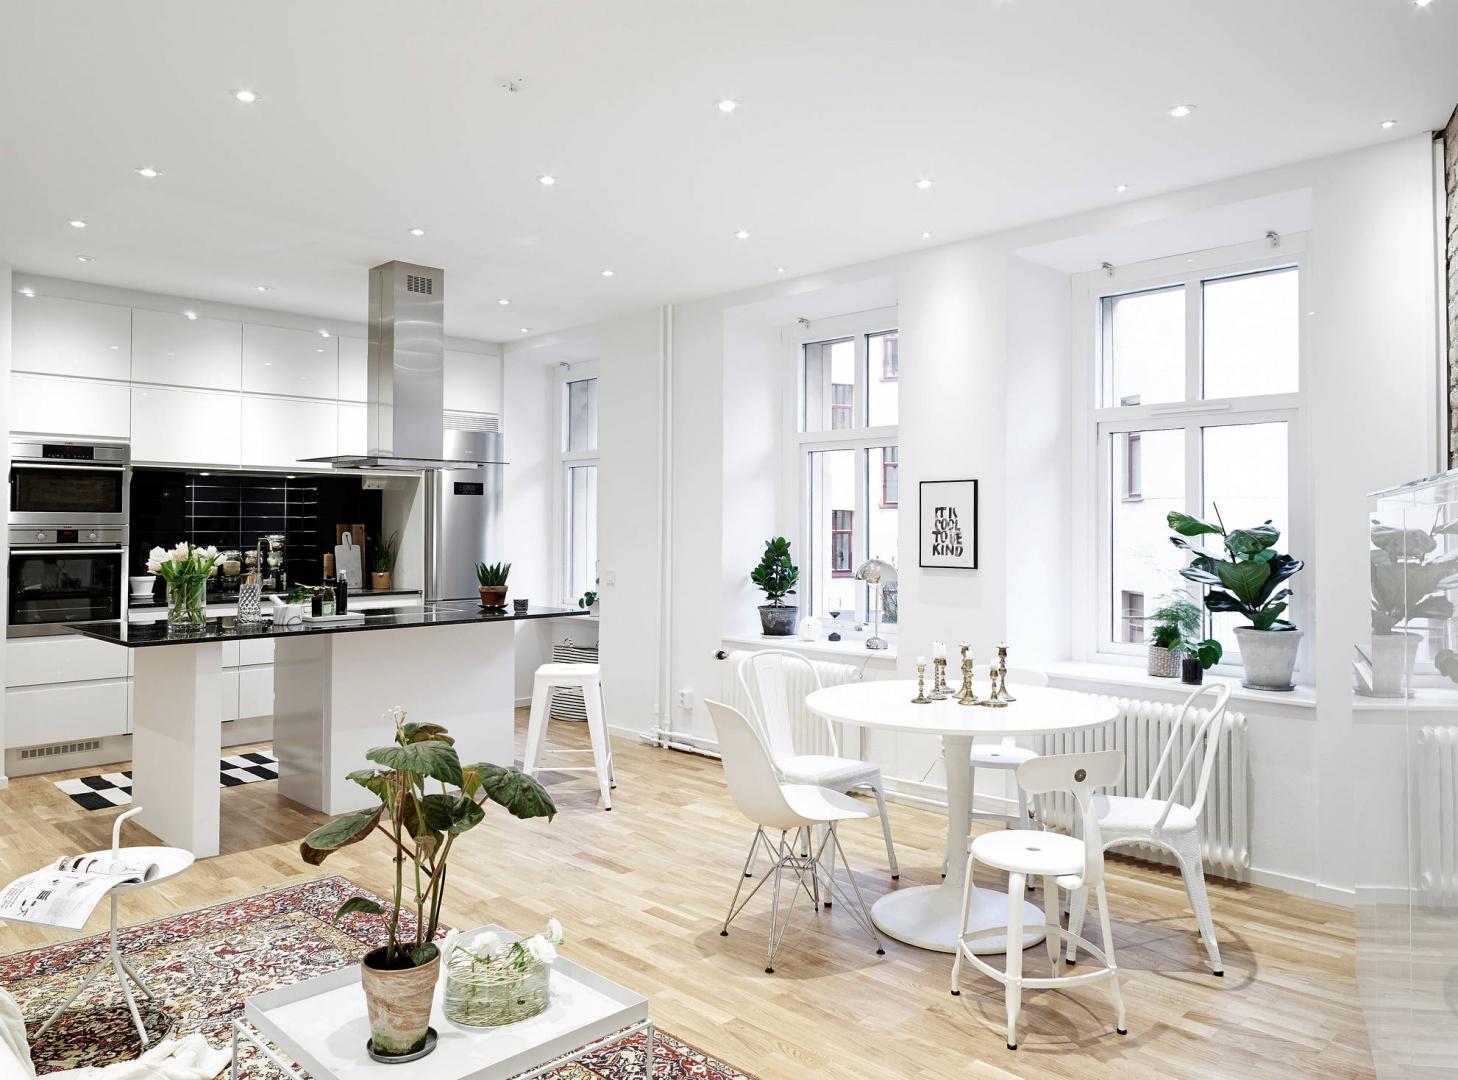 Strefę dzienną tworzy salon, niewielka jadalnia oraz kuchnia, złożona z jednorzędowej zabudowy i eleganckiego półwyspu. Fot. Stadshem.se.